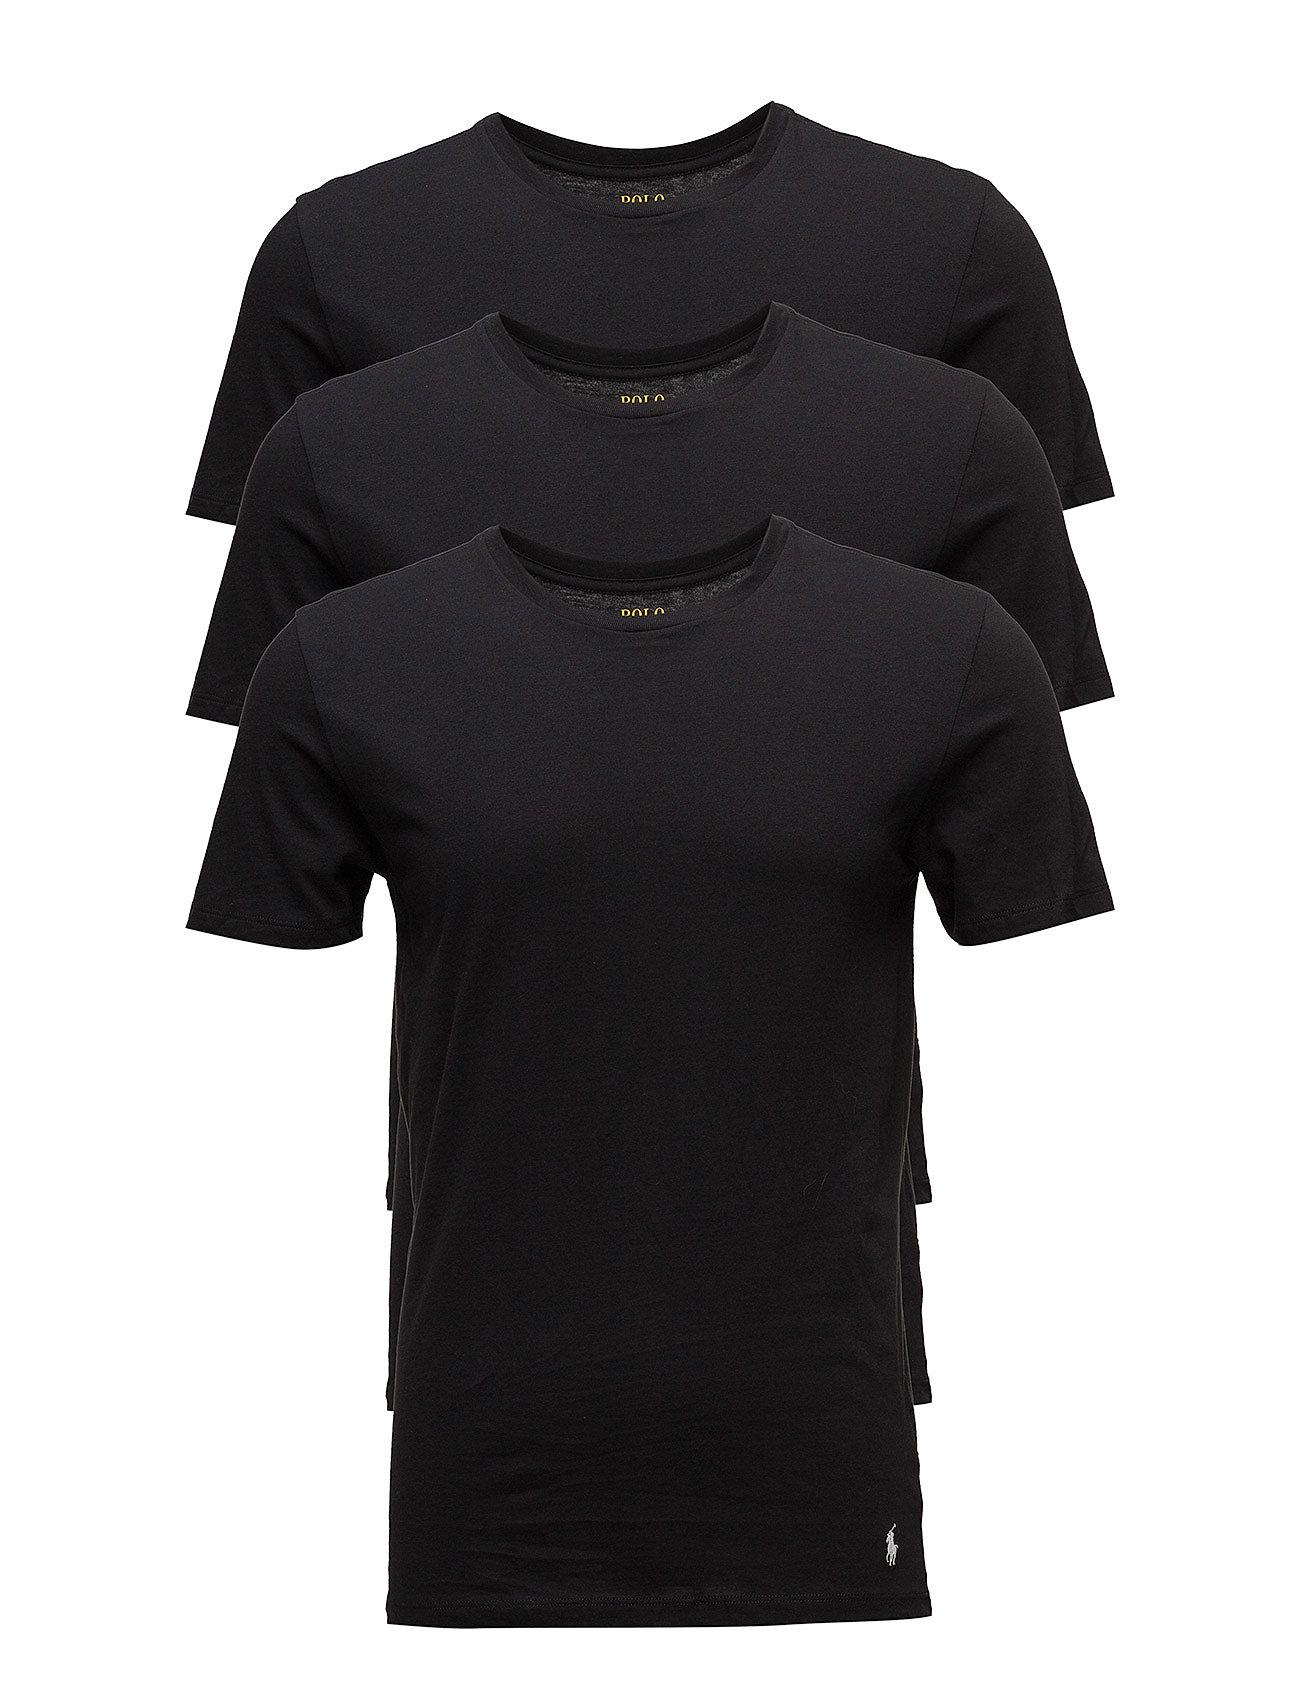 Polo Ralph Lauren Underwear S/S CREW-3 PACK-CREW UNDERSHIRT